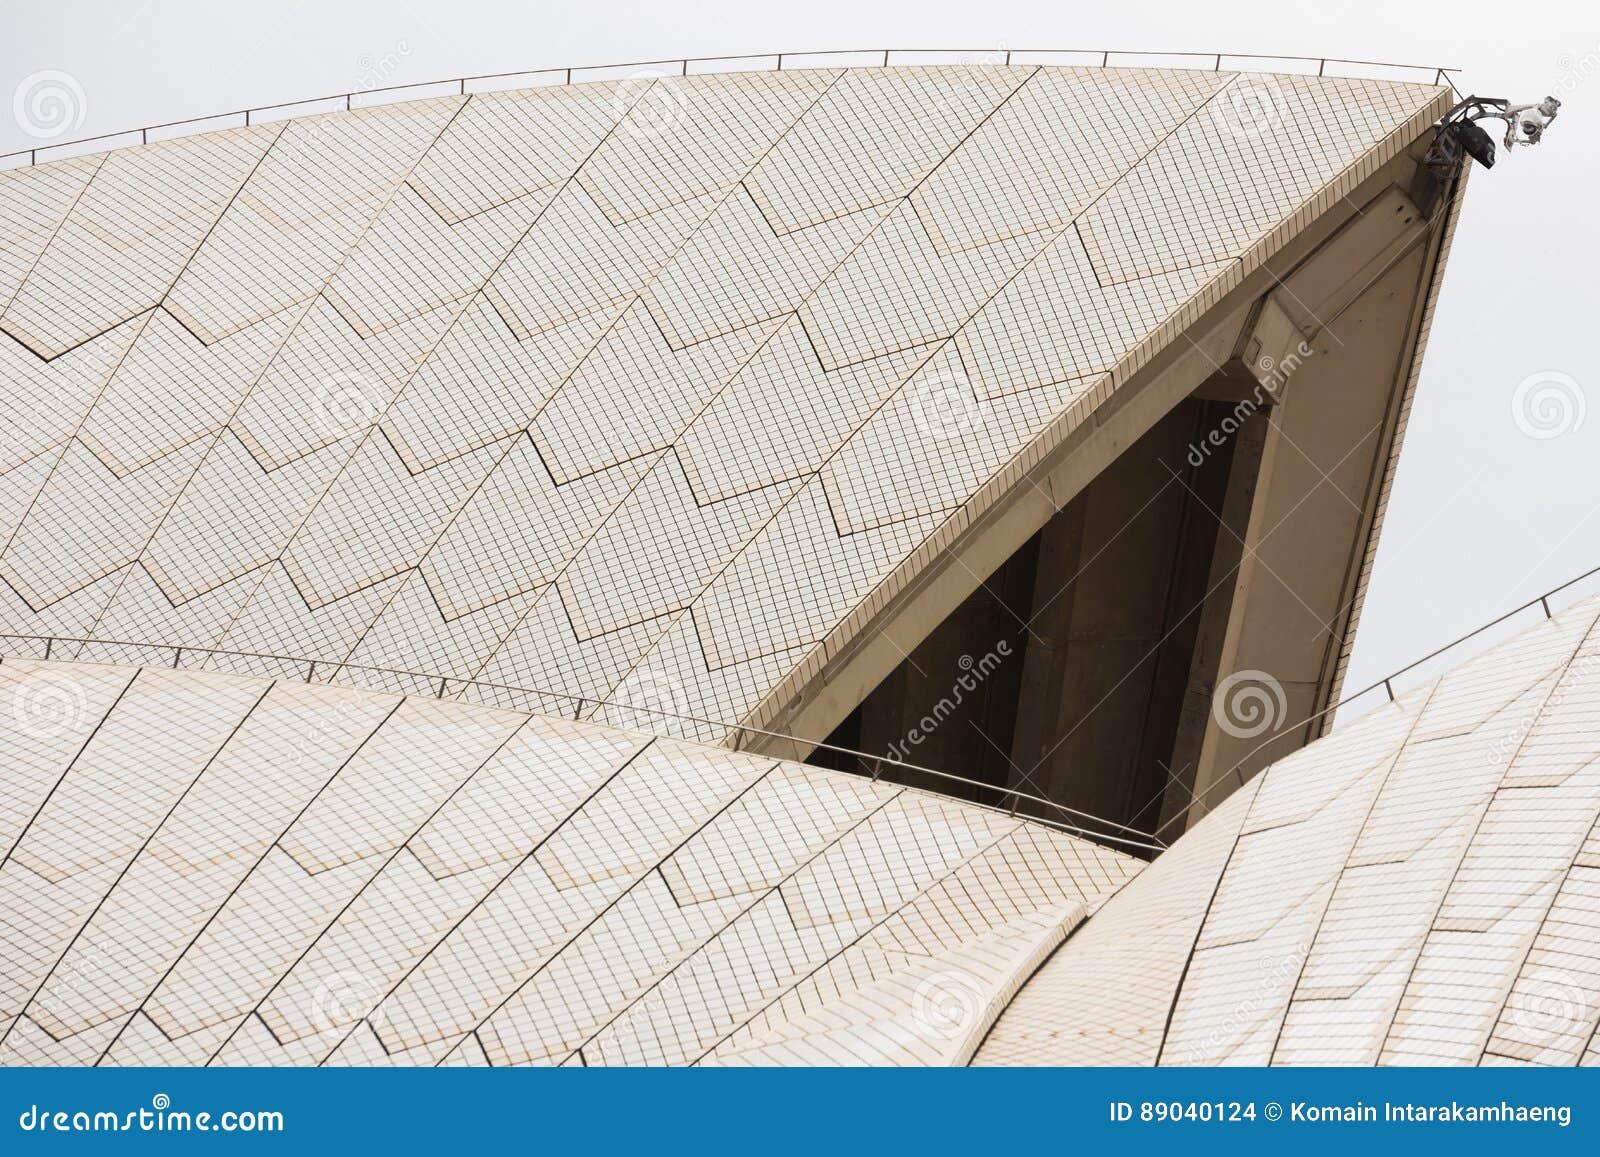 Dach Sydney opera